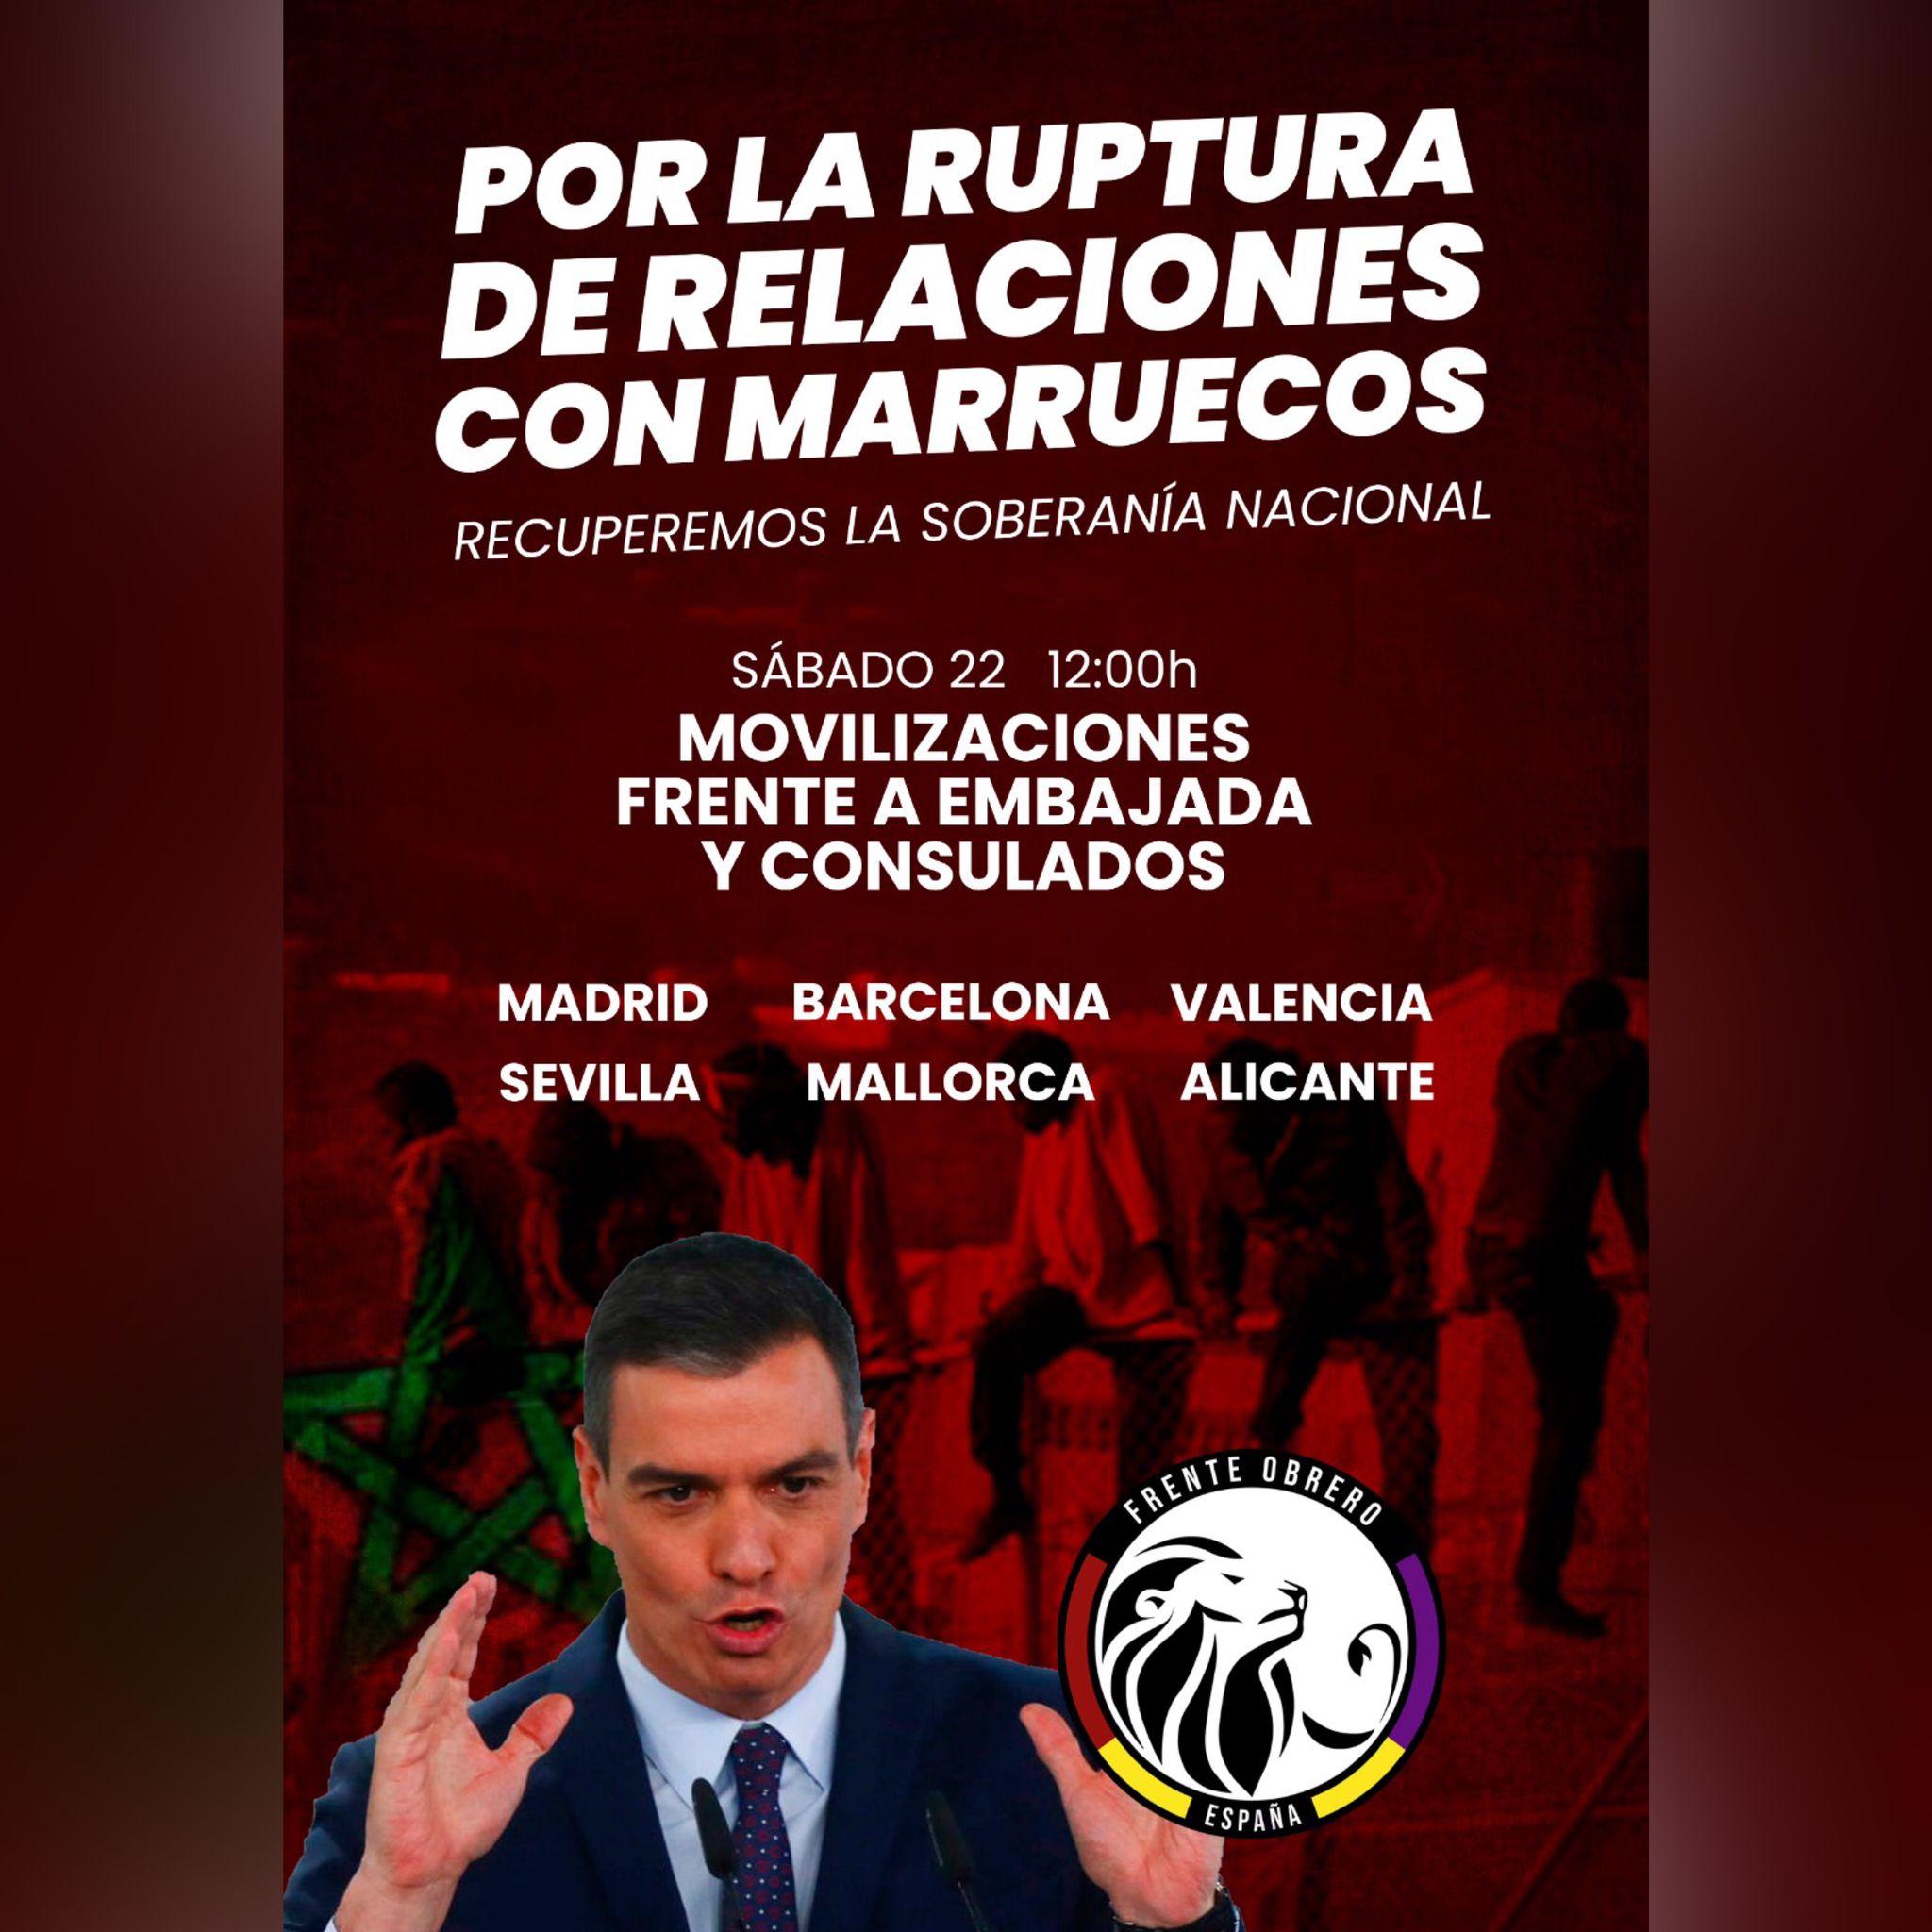 gobierno de marruecos